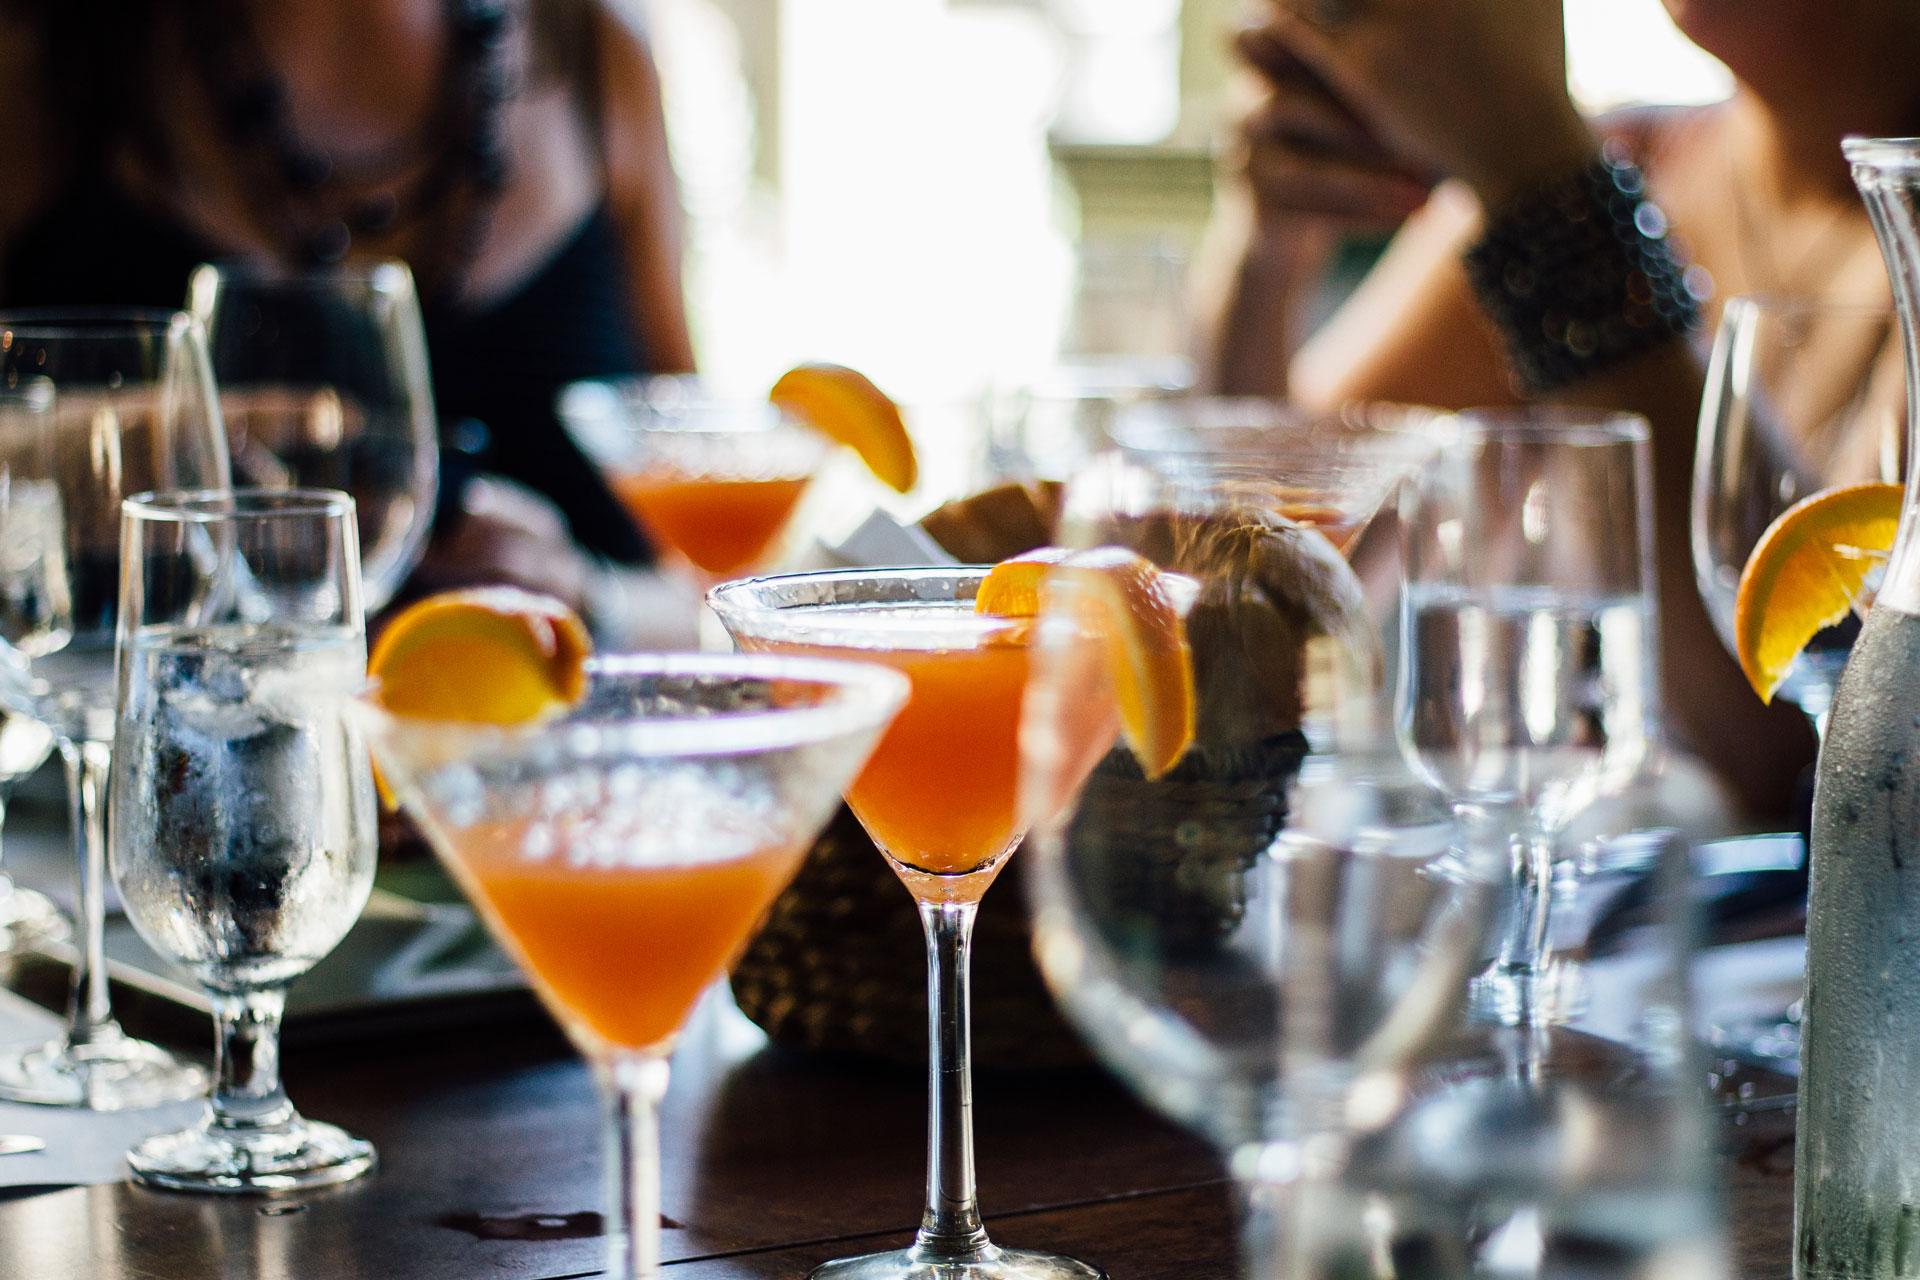 non GMO alcohol